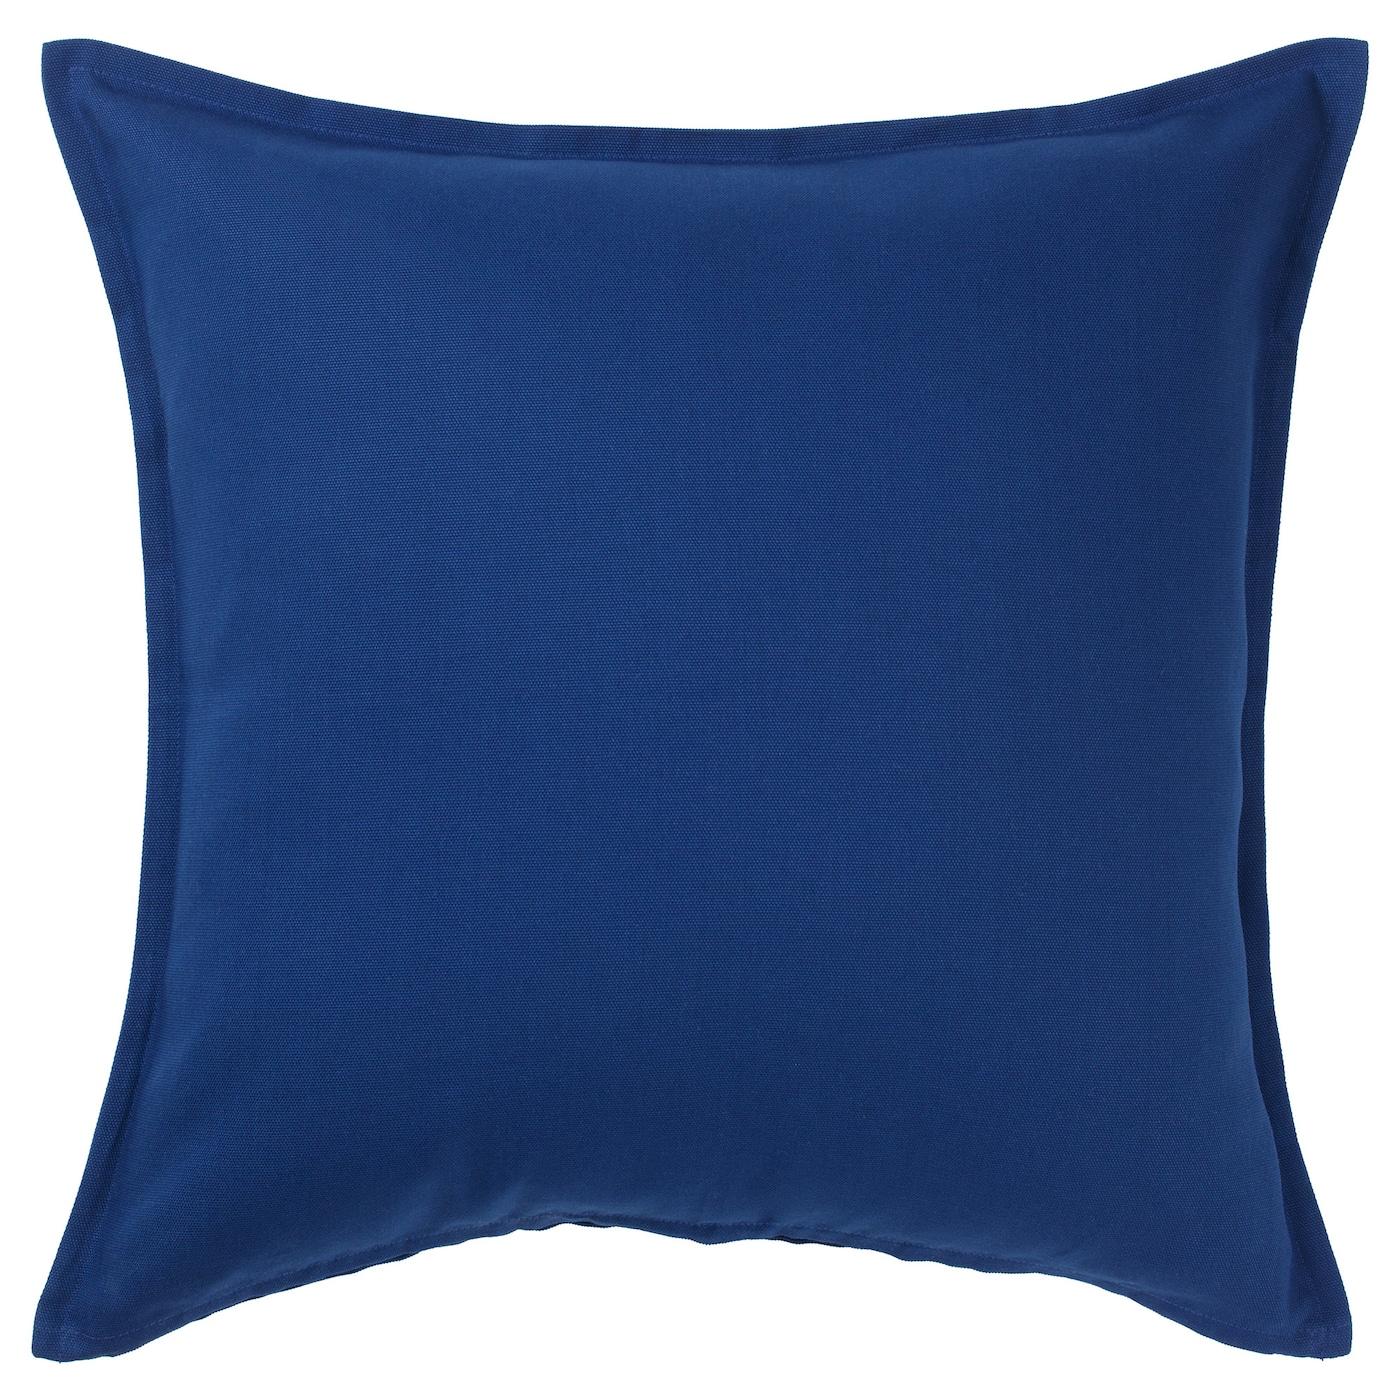 coussins d co pas cher coussins de canap ikea. Black Bedroom Furniture Sets. Home Design Ideas